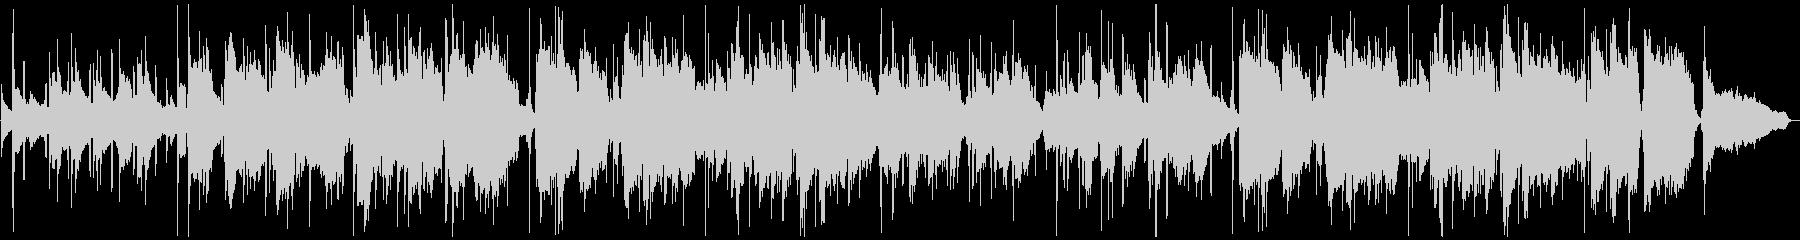 優しくも切ないサックスのジャズバラードの未再生の波形